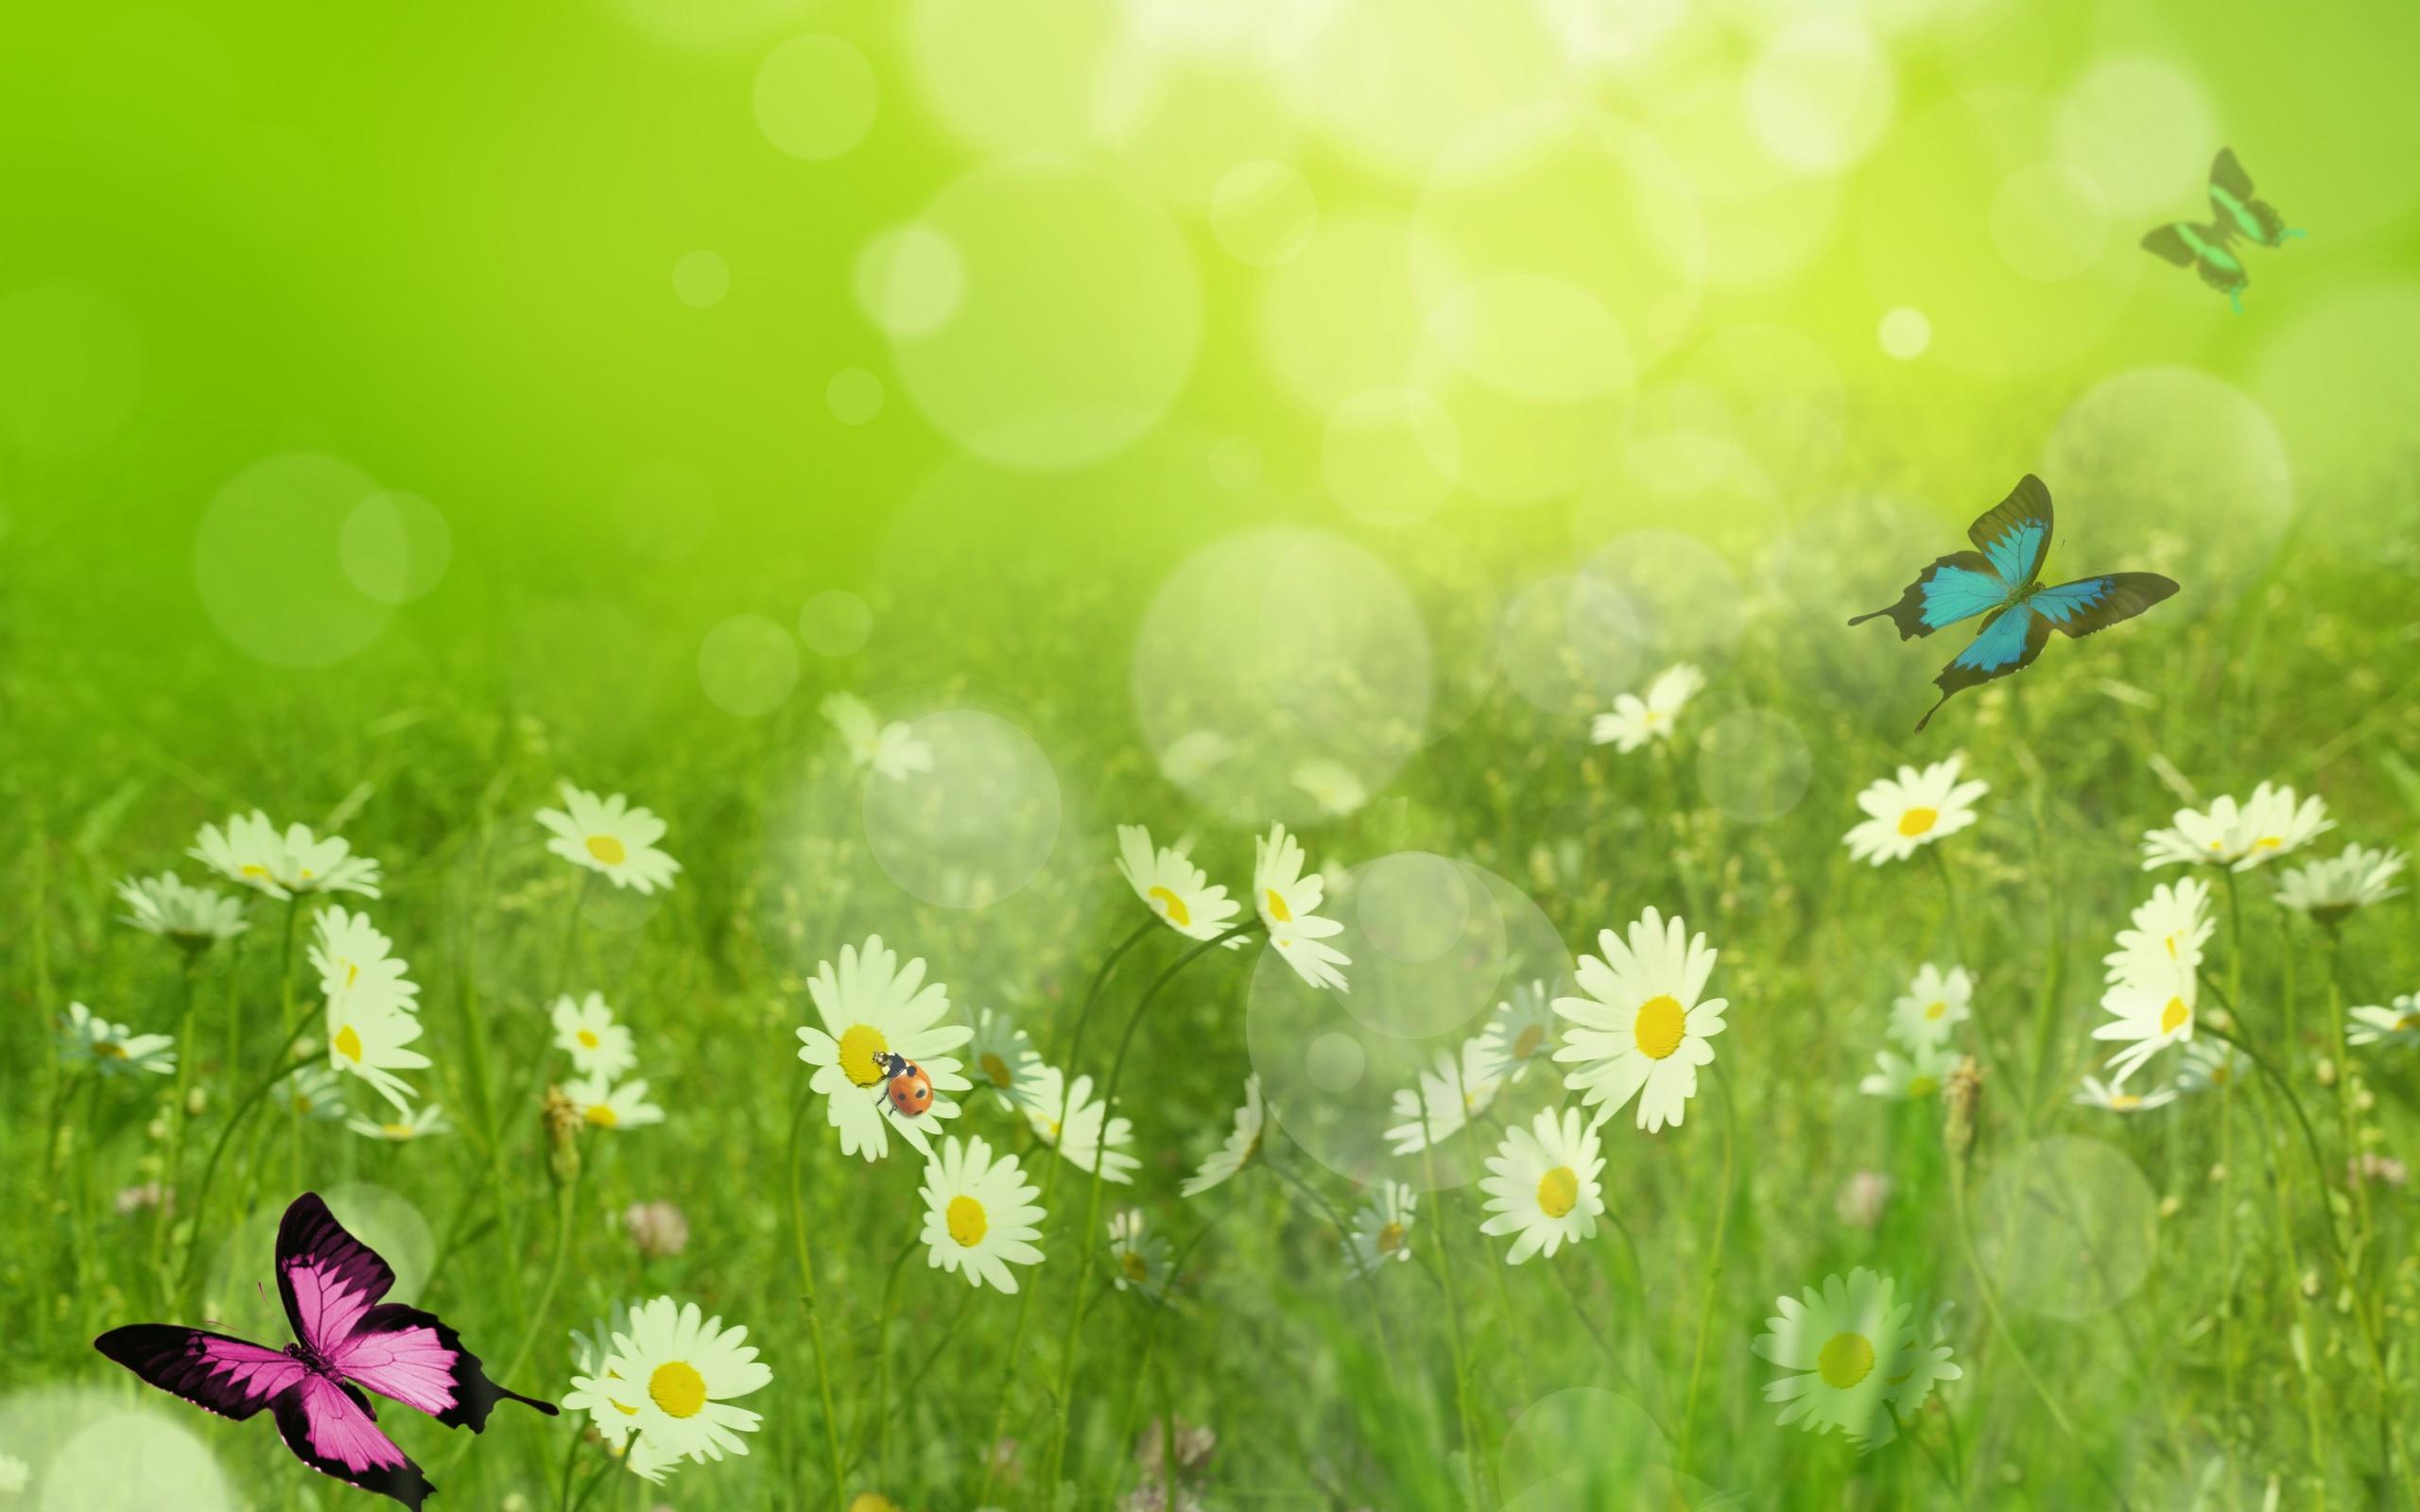 Фоновые картинки лета